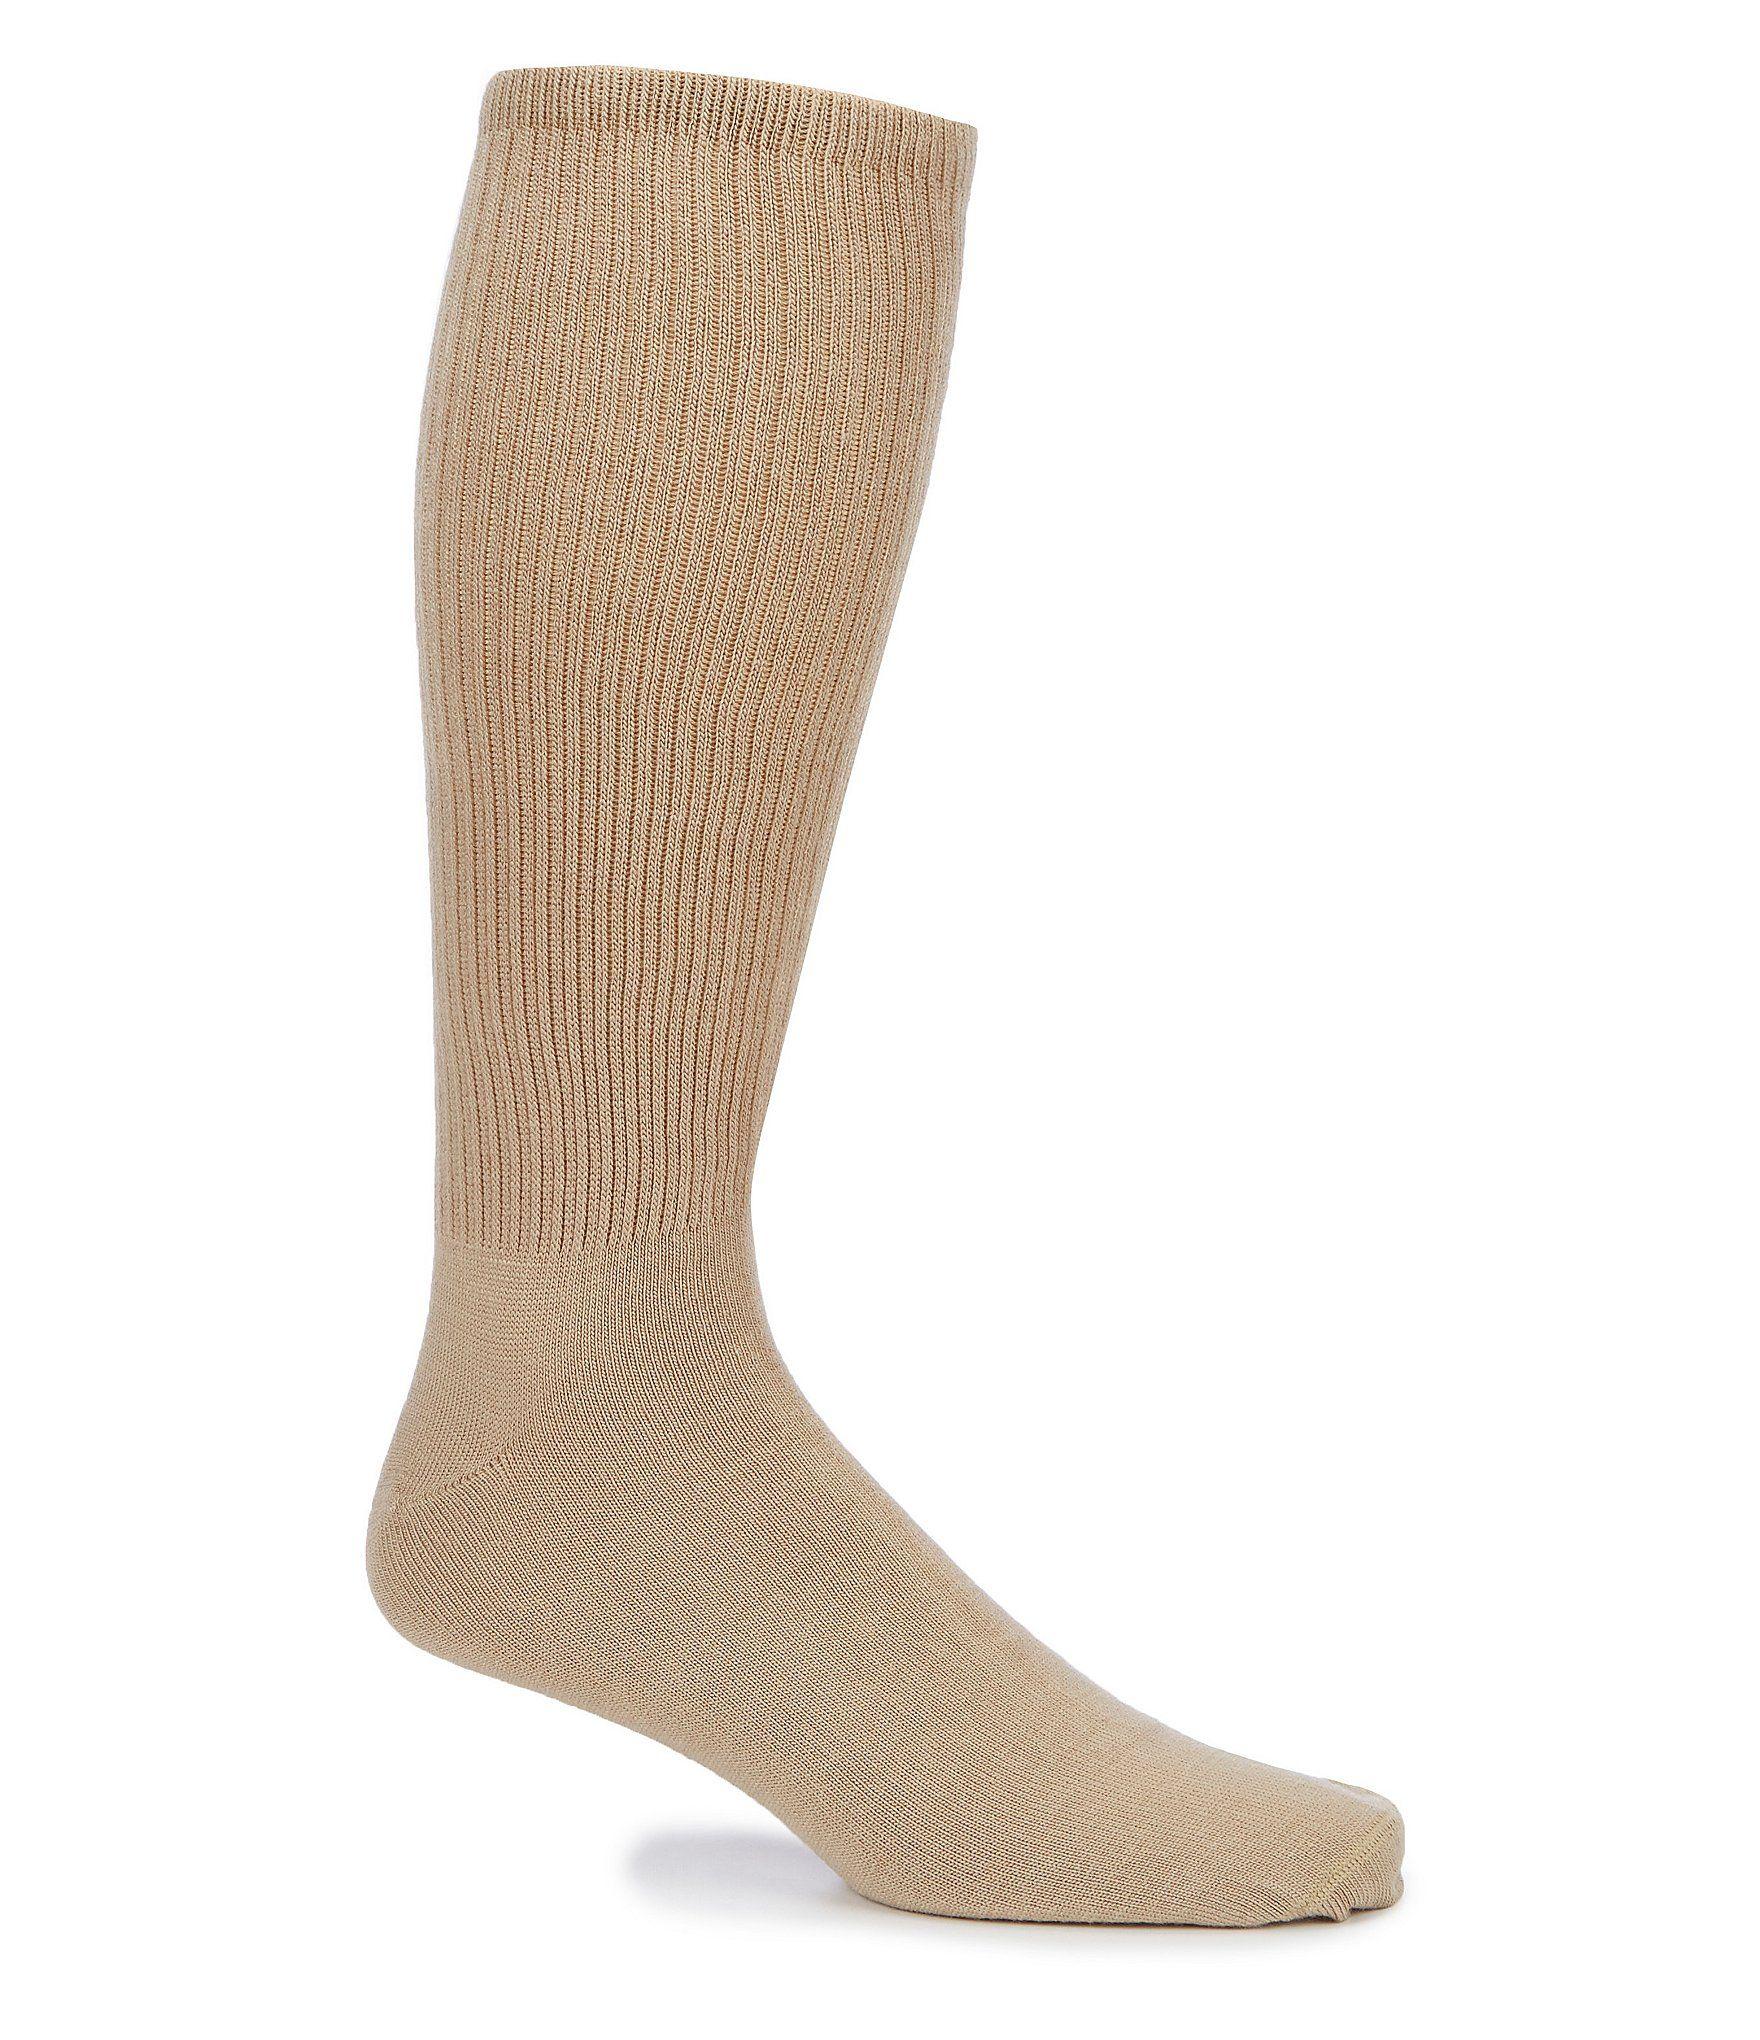 Roundtree  Yorke Big  Tall Crew Socks 3-Pack - Khaki N/A